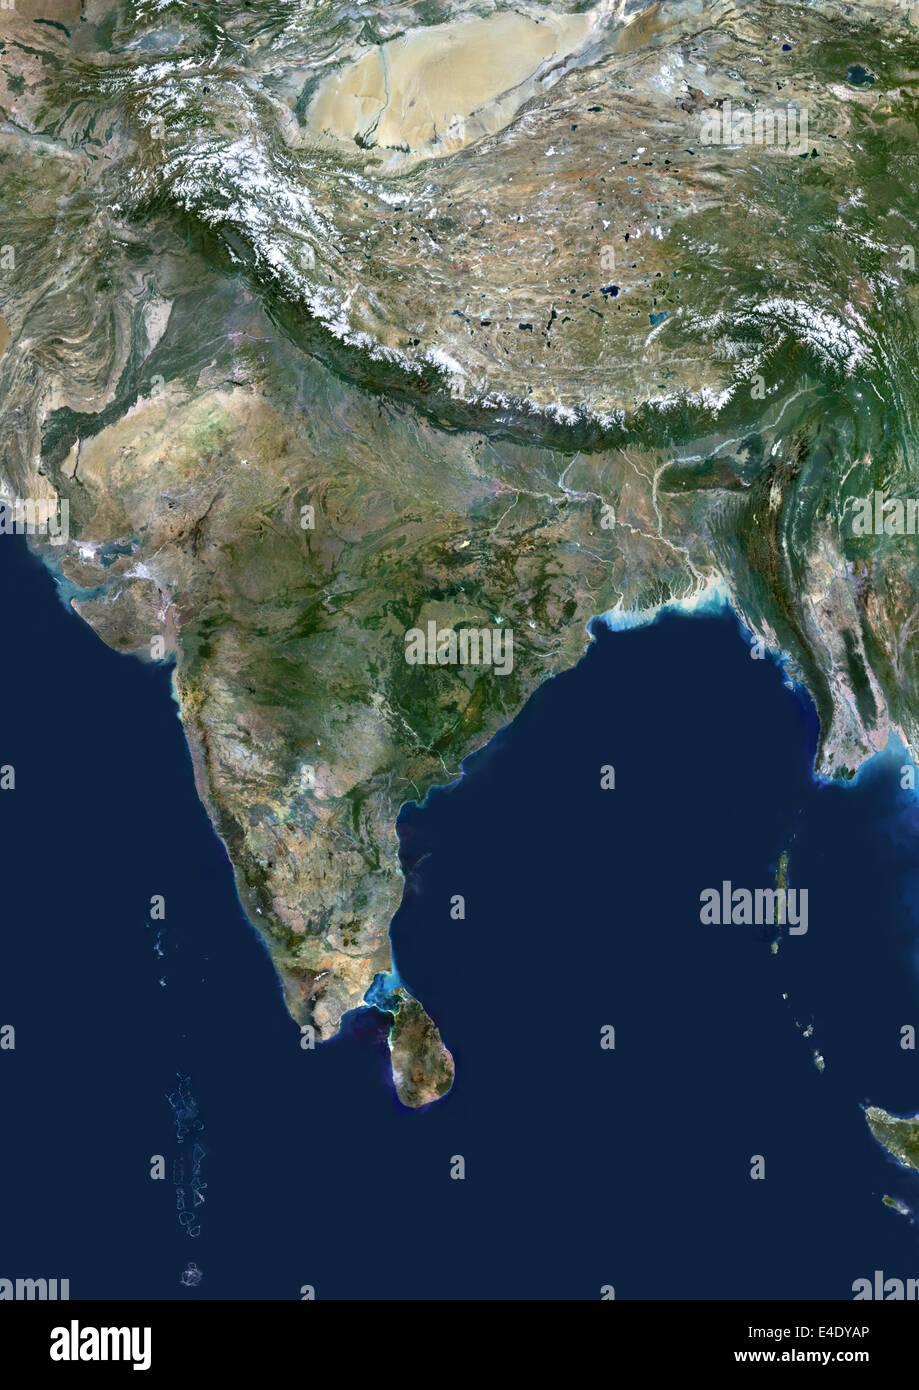 India True Colour Satellite Image India True Colour Satellite - World map by satellite of india